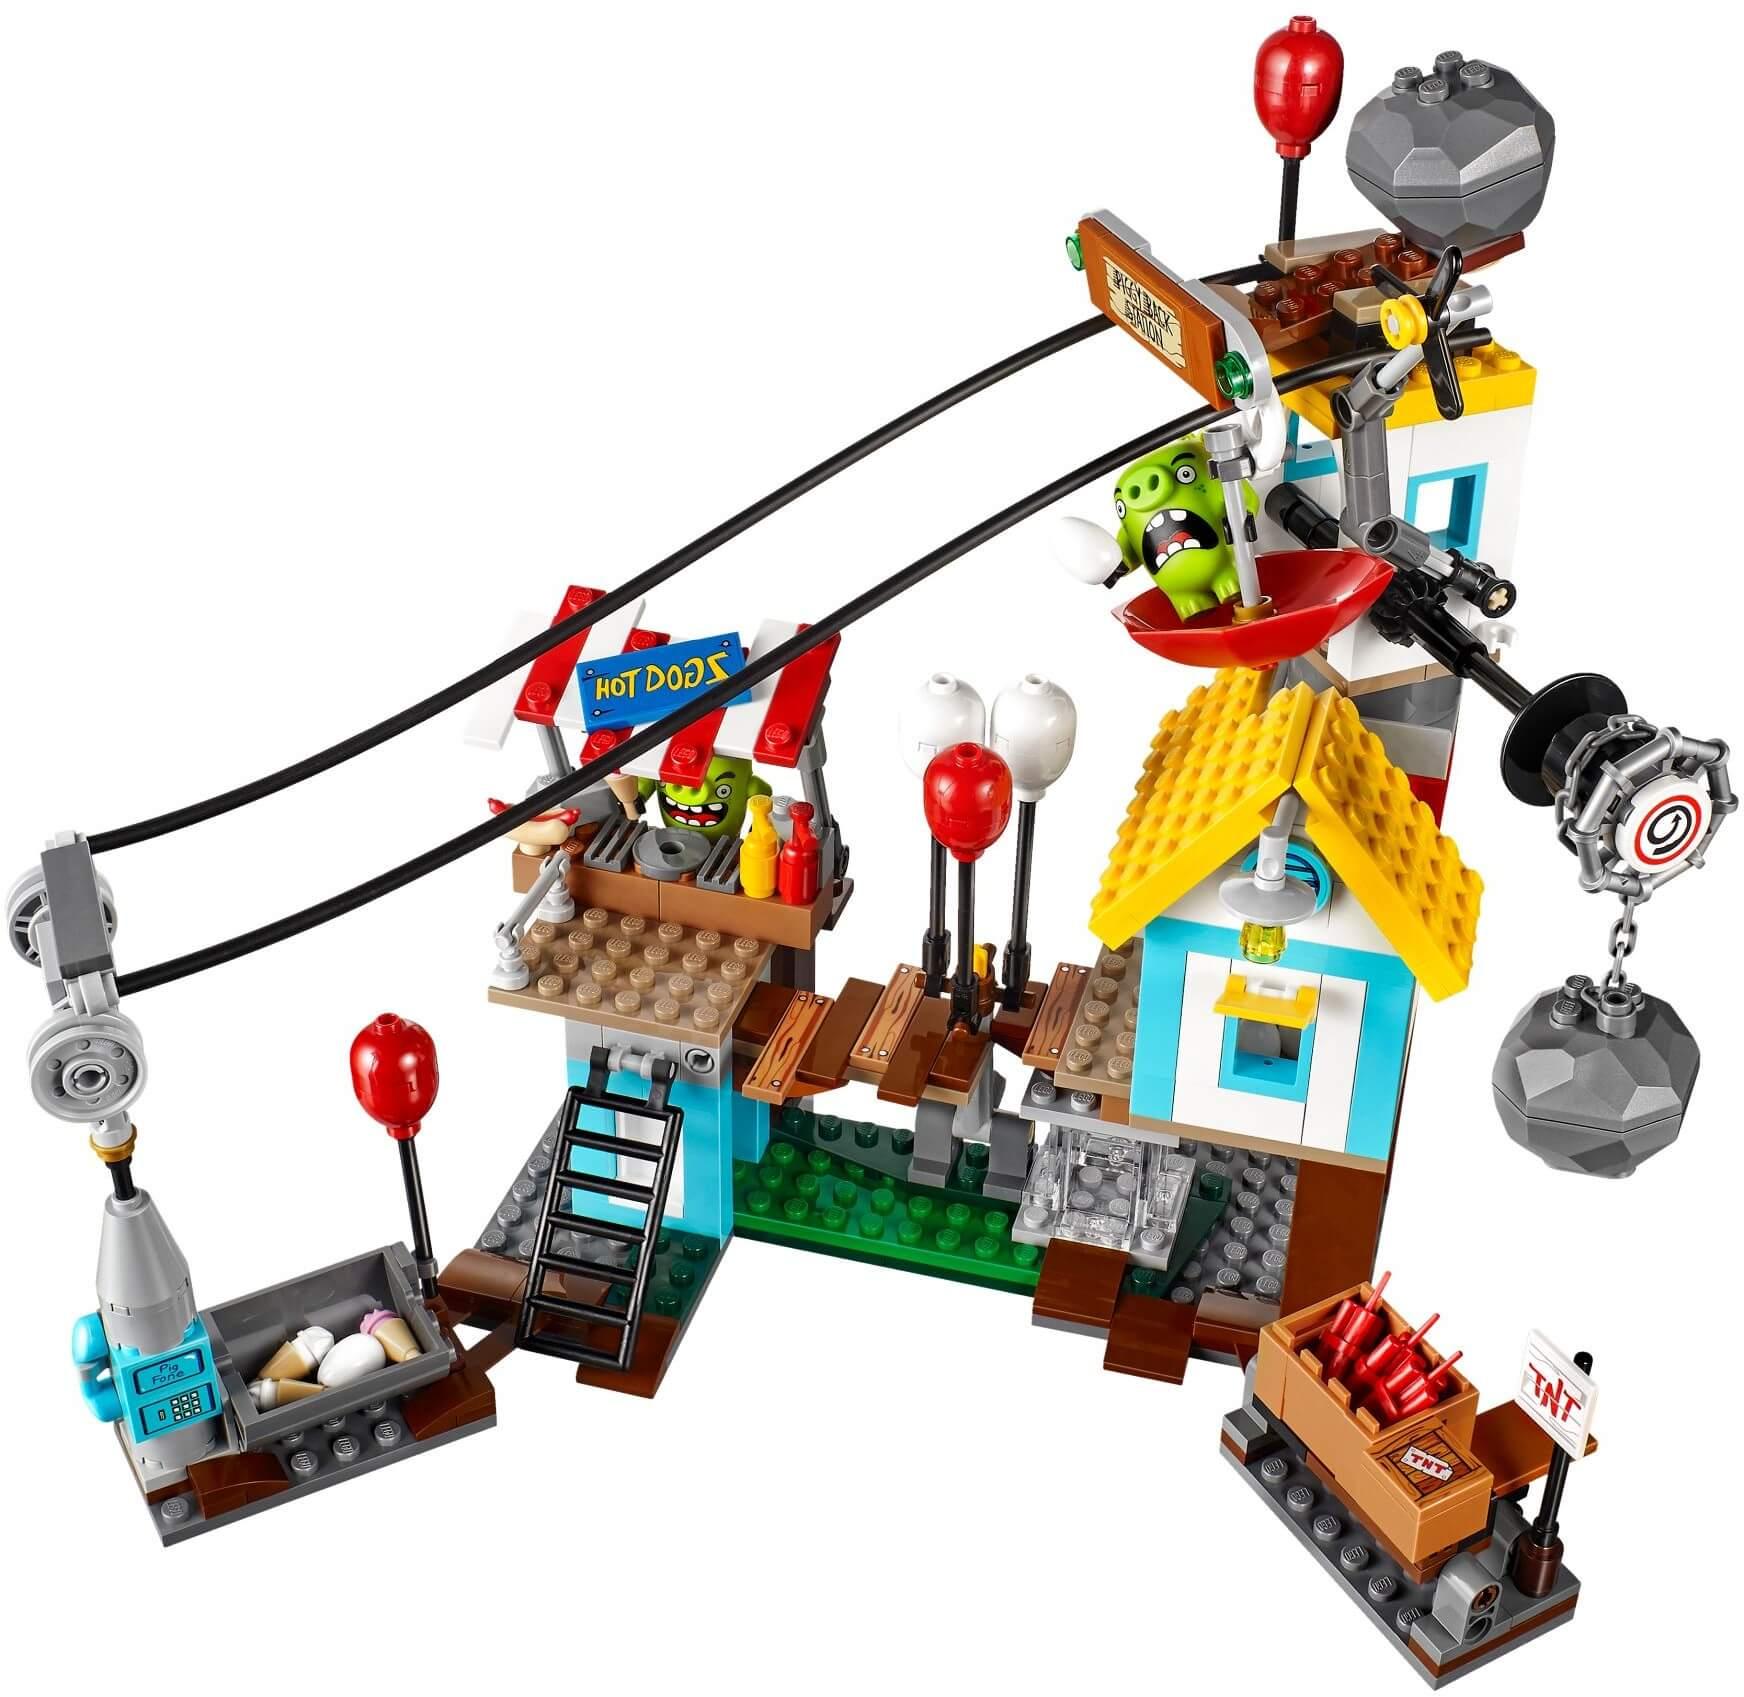 Mua đồ chơi LEGO 75824 - LEGO Angry Birds 75824 - Cuộc tấn công Thành Phố Lợn (LEGO Angry Birds Pig City Teardown 75824)